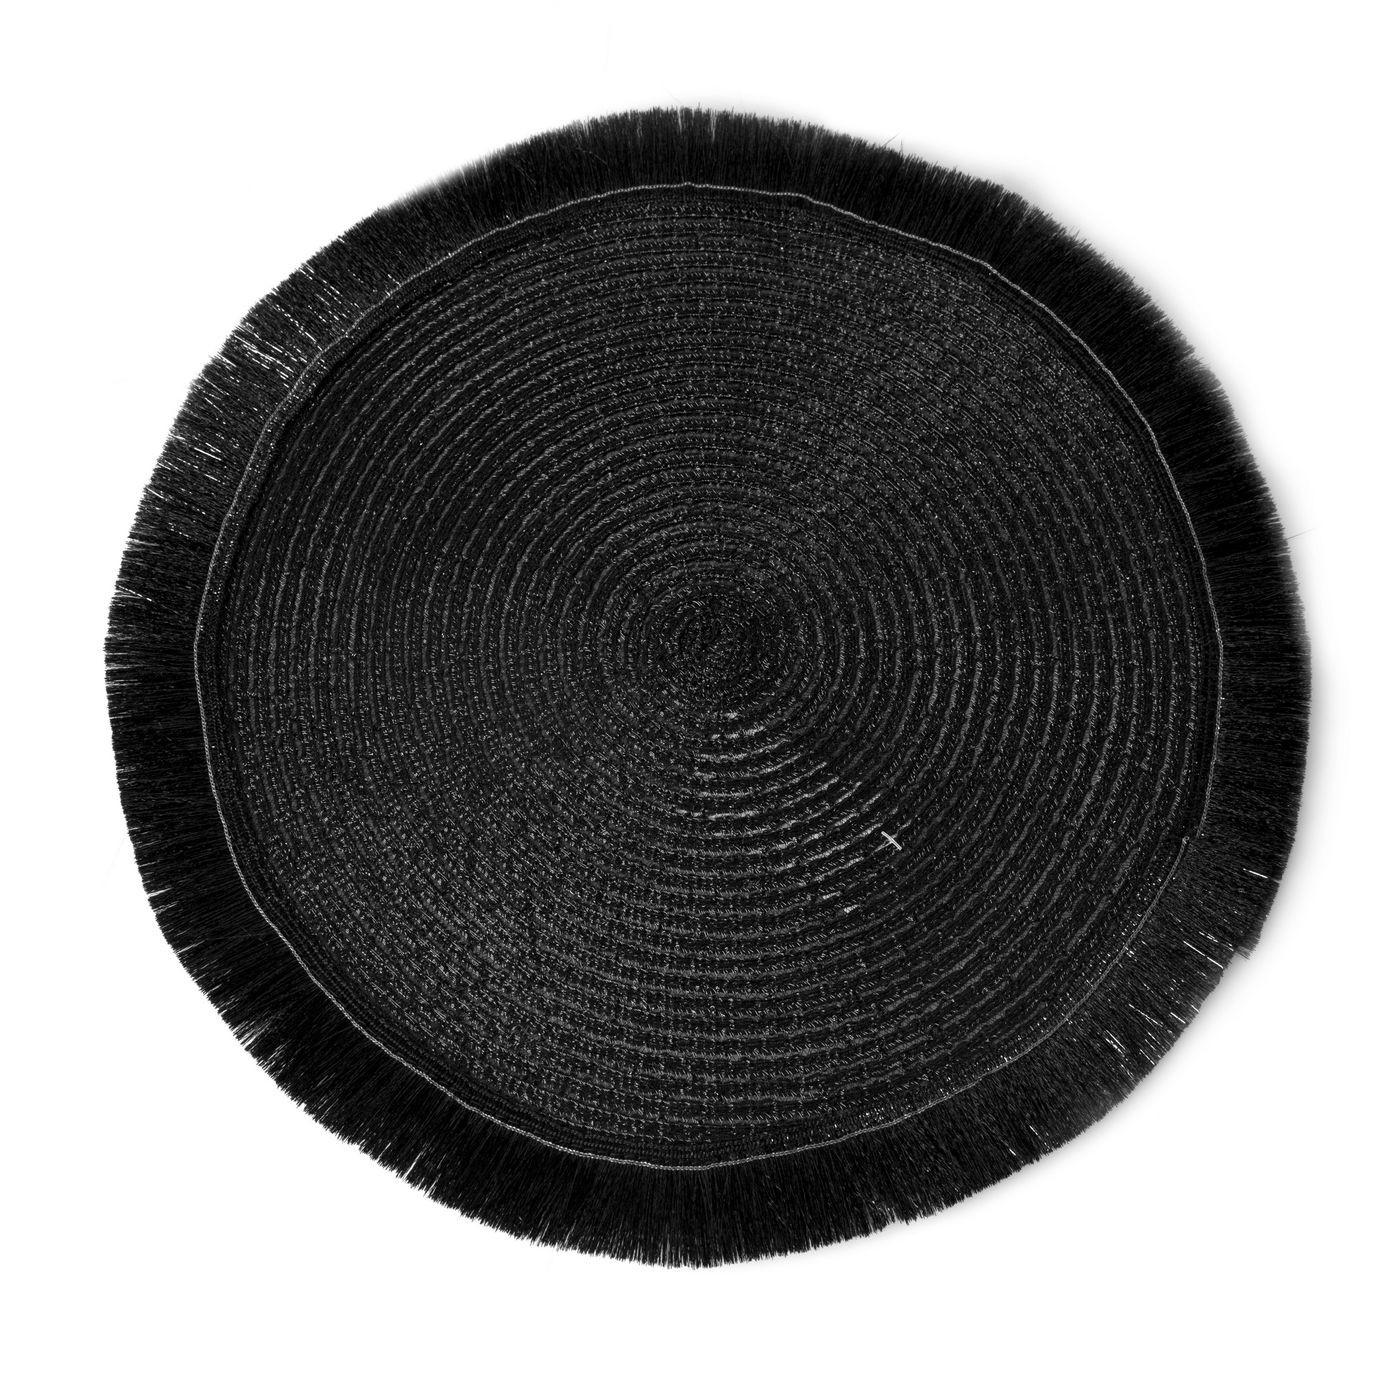 Czarna podkładka stołowa okrągła średnica 38 cm